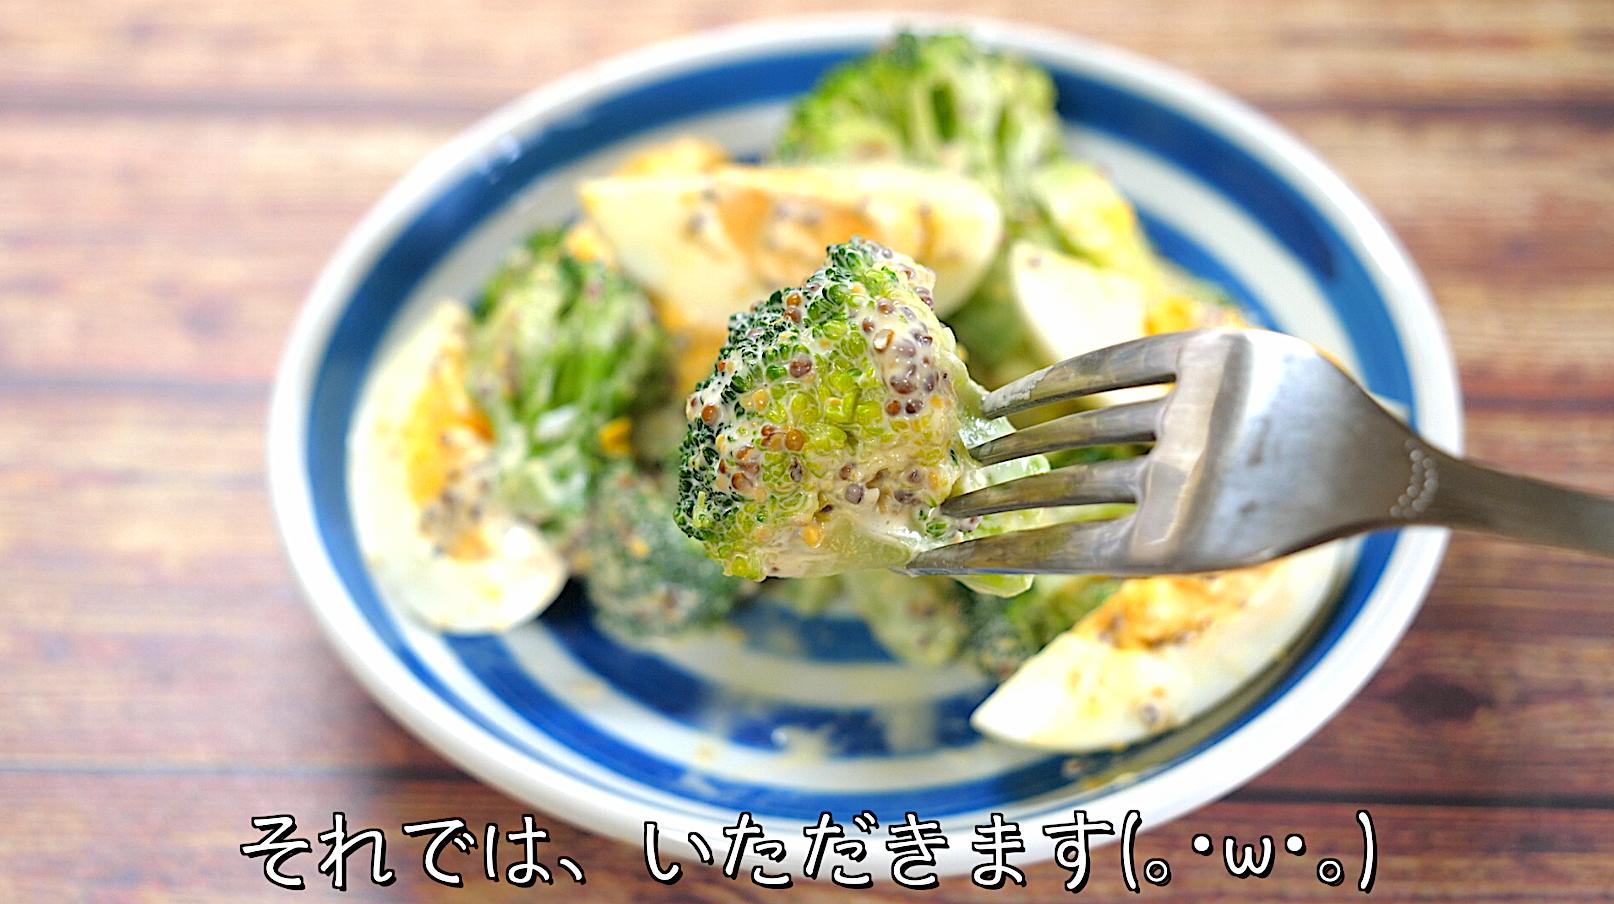 ブロッコリー サラダ ダイエット レシピ